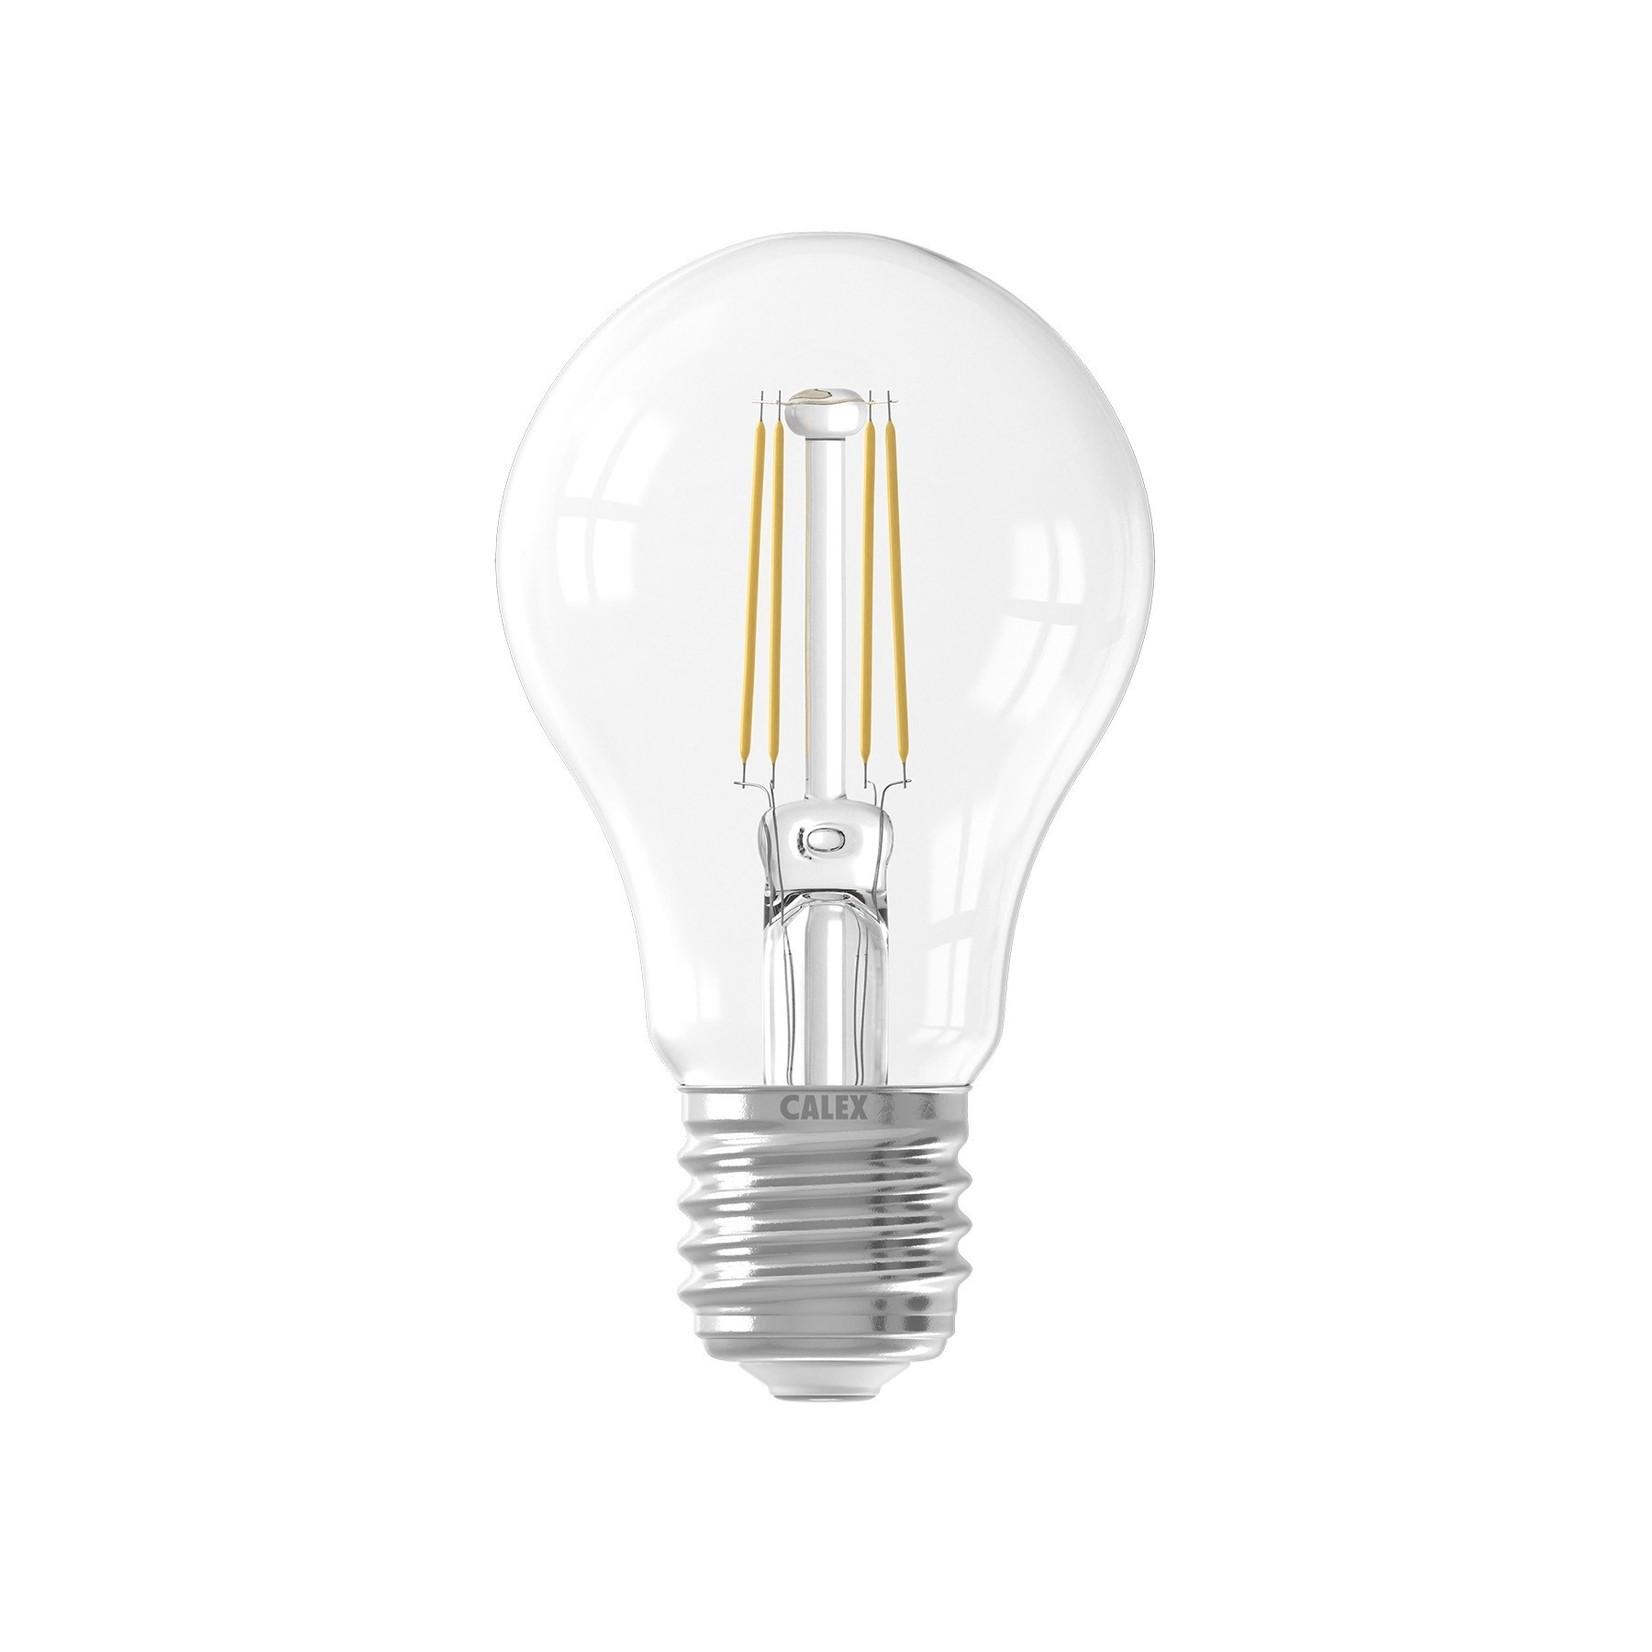 LED A60 4W 230V E27 2700K helder dimbaar